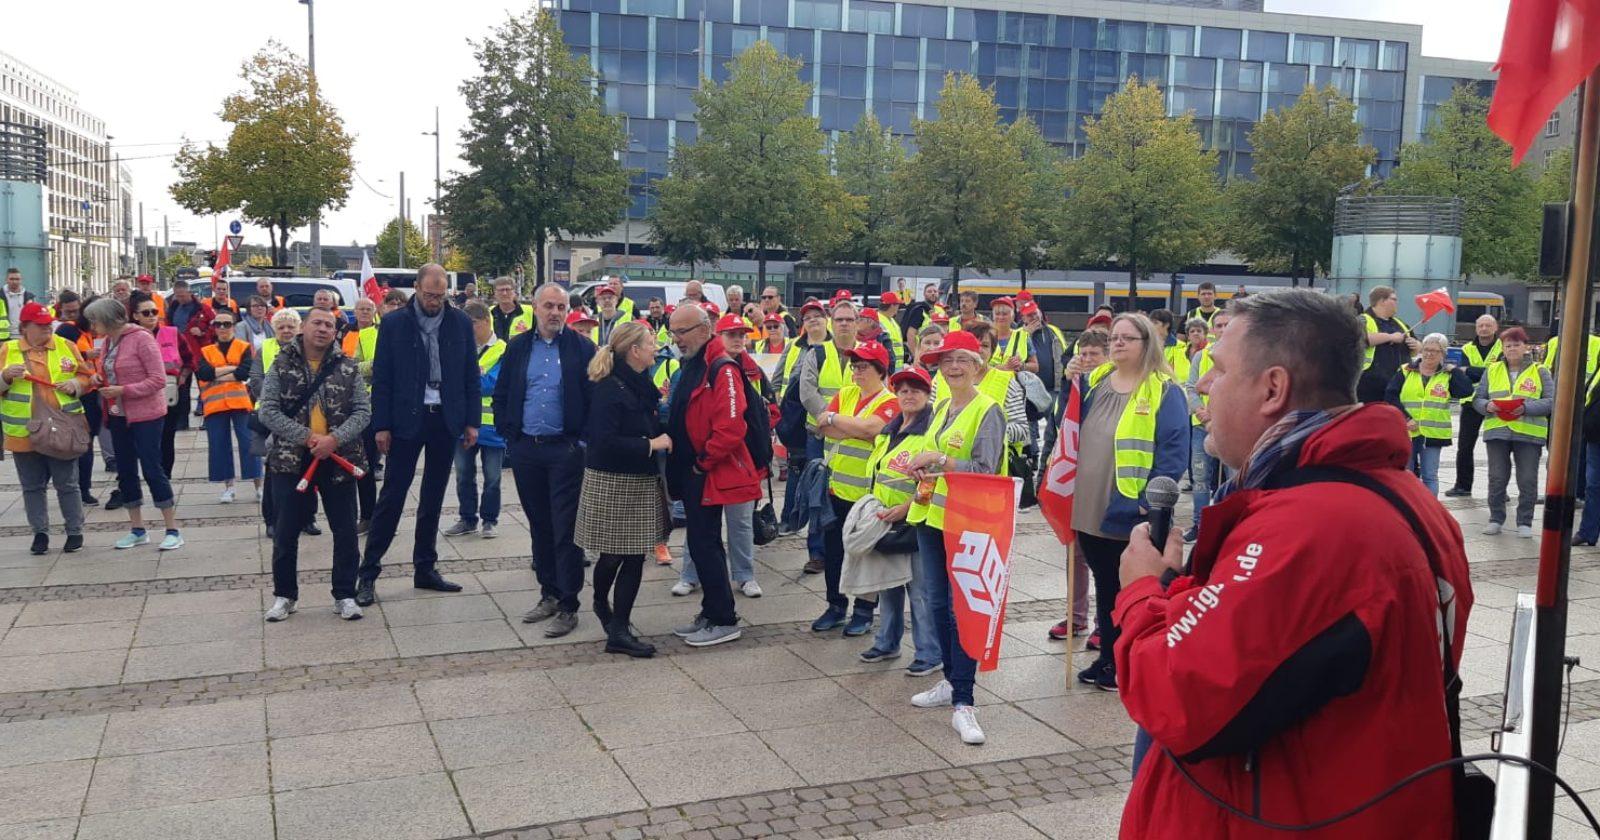 500 Beschäftigte der Gebäudereinigung protestieren in Leipzig für einen fairen Rahmentarifvertrag